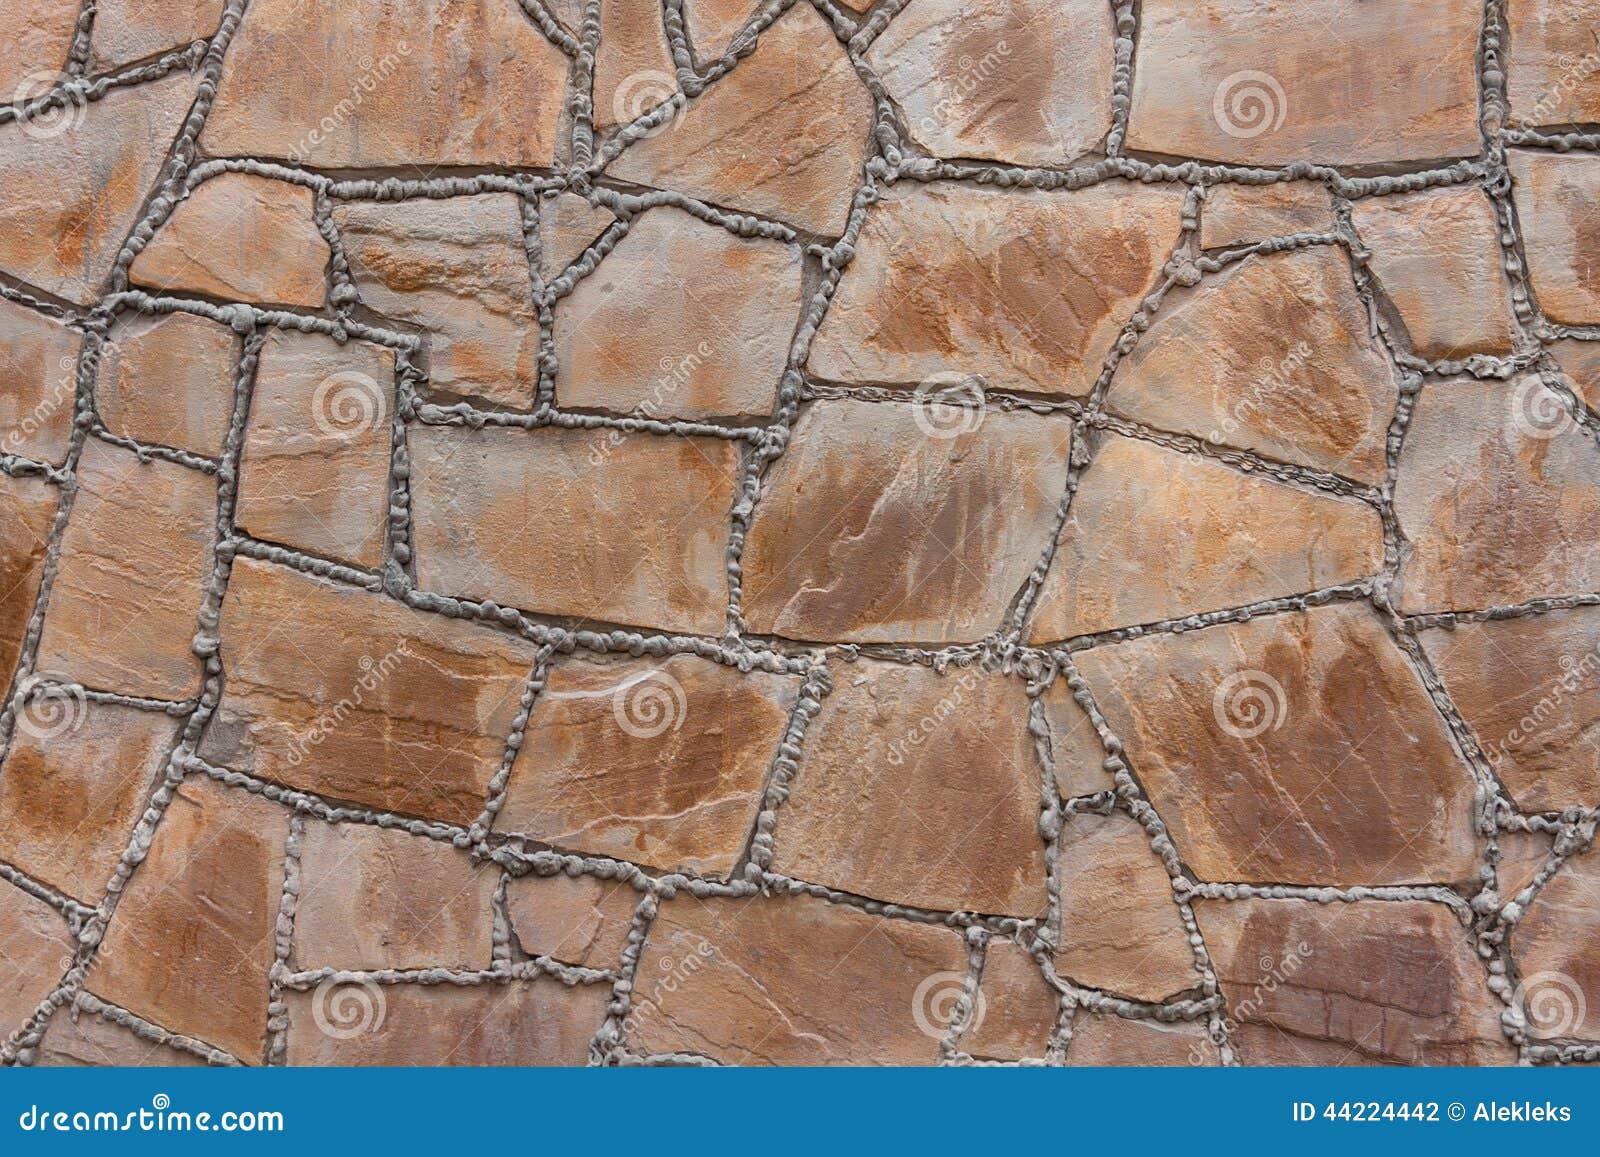 Muur van een natuursteen met cementnaden stock foto afbeelding 44224442 - Imitatie natuursteen muur tegel ...